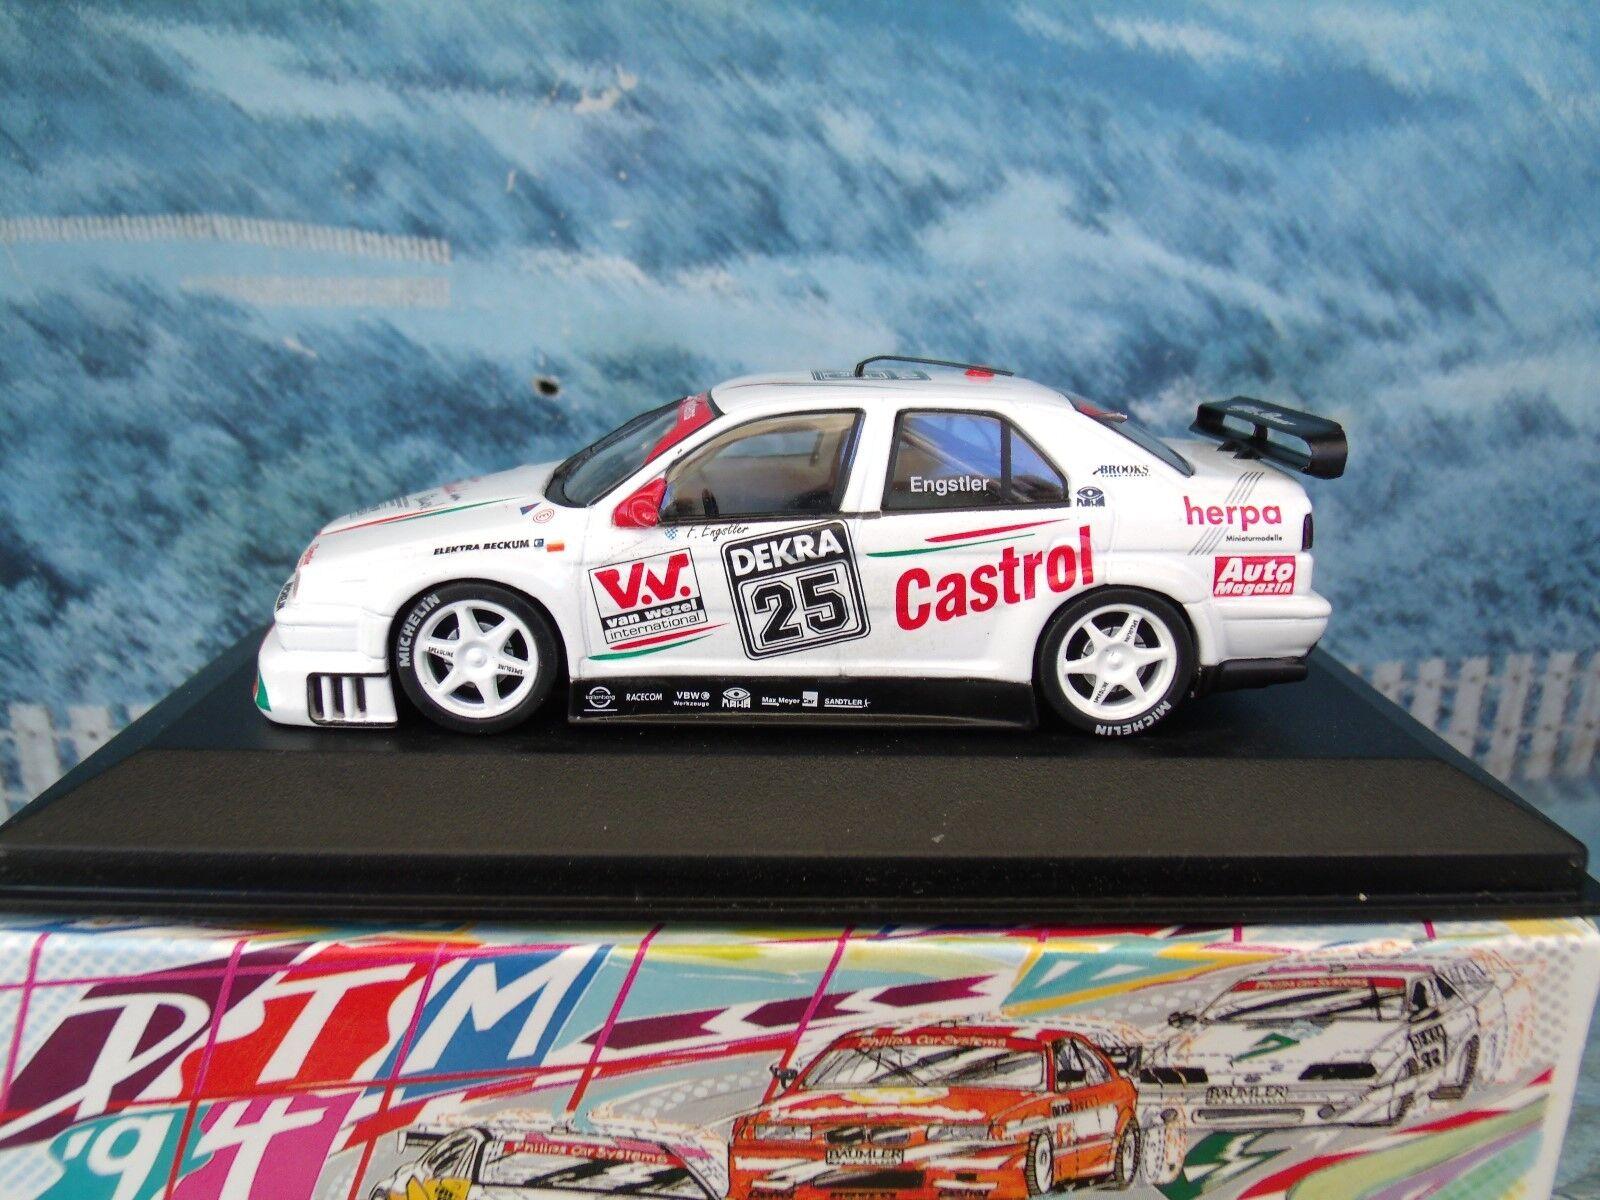 1 43 Minichamps Minichamps Minichamps   Alfa romeo 155  V6 TI DTM '94 905d45